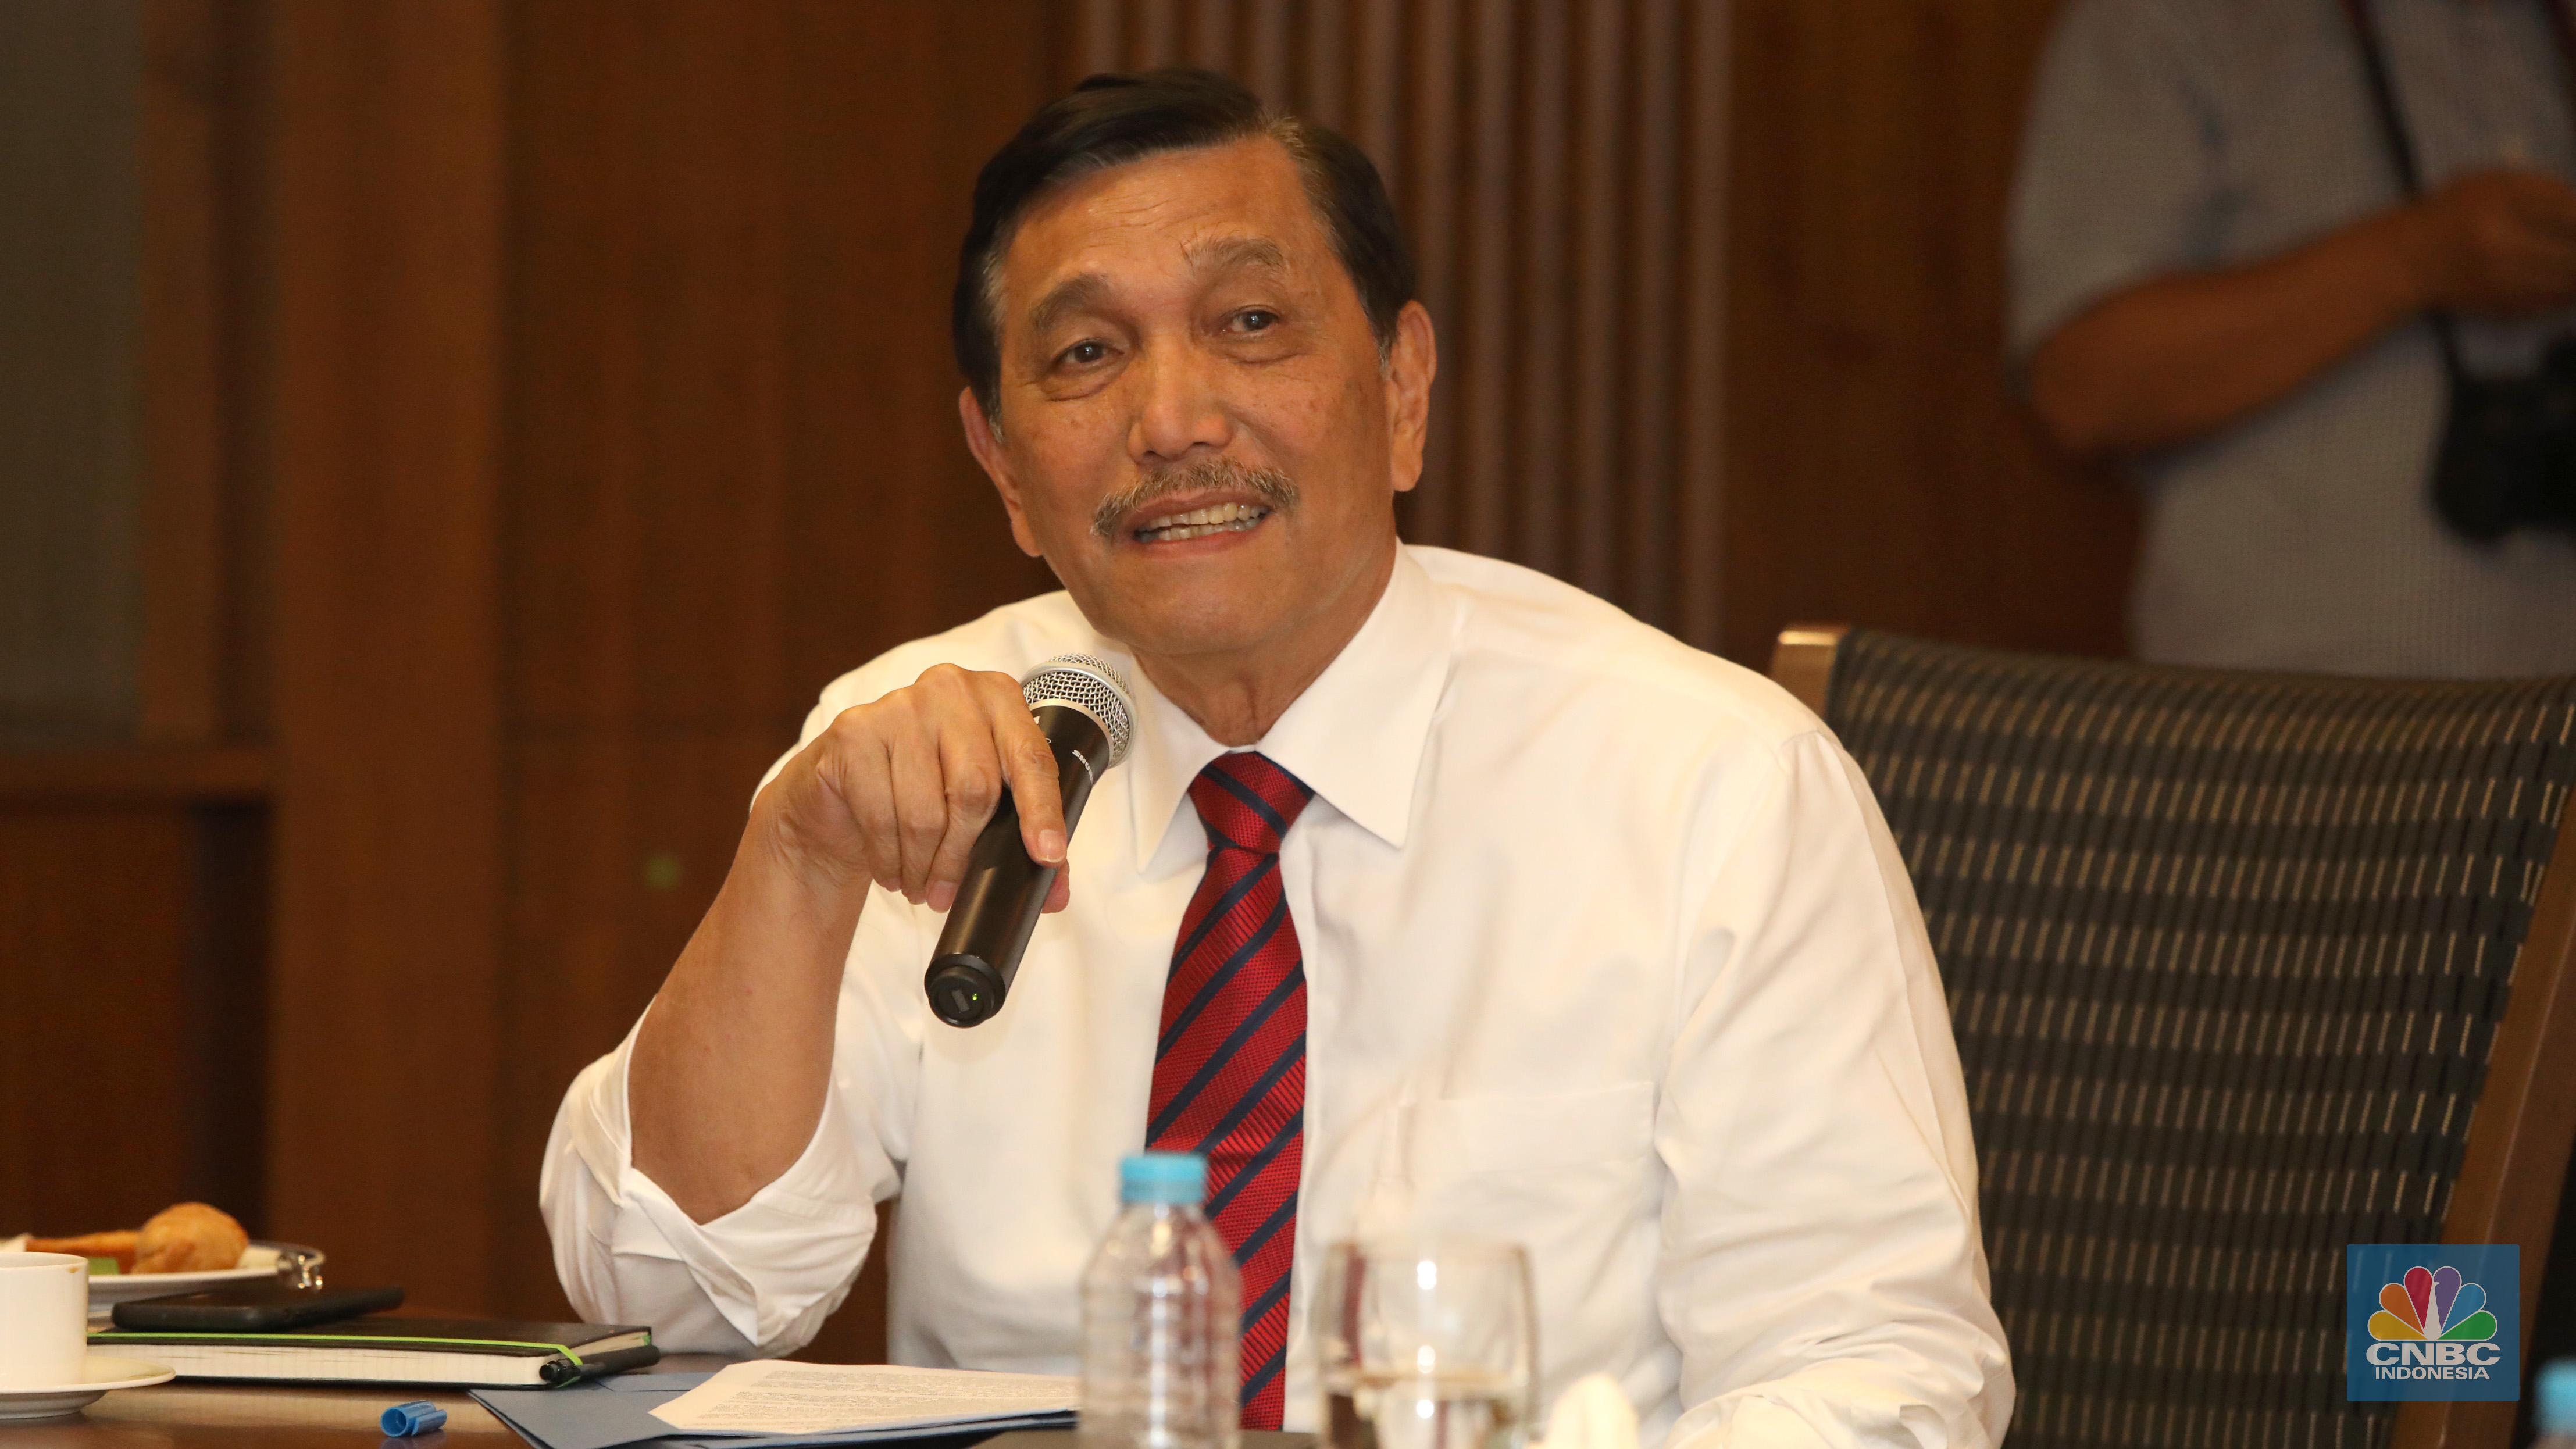 Photo of Menko Luhut: Indonesia Akan Jadi Negara Ekonomi Besar Dunia, Anda Harus Bangga